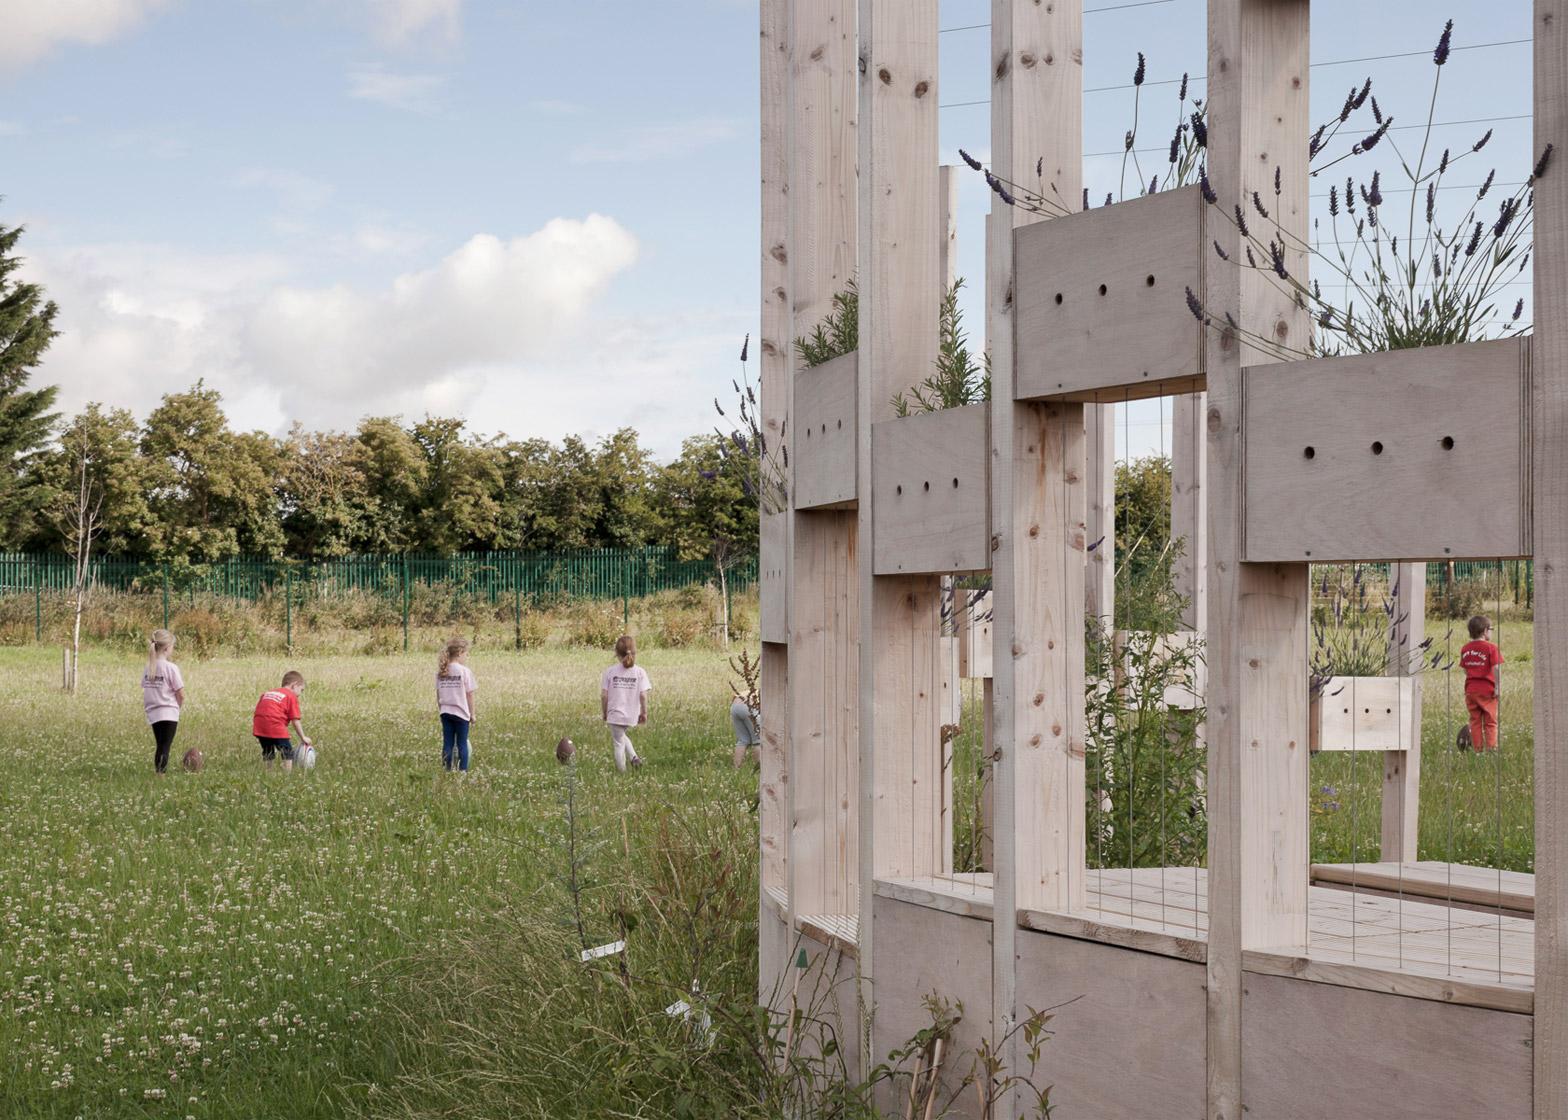 Hedge School educational pavilion by AP+E studio